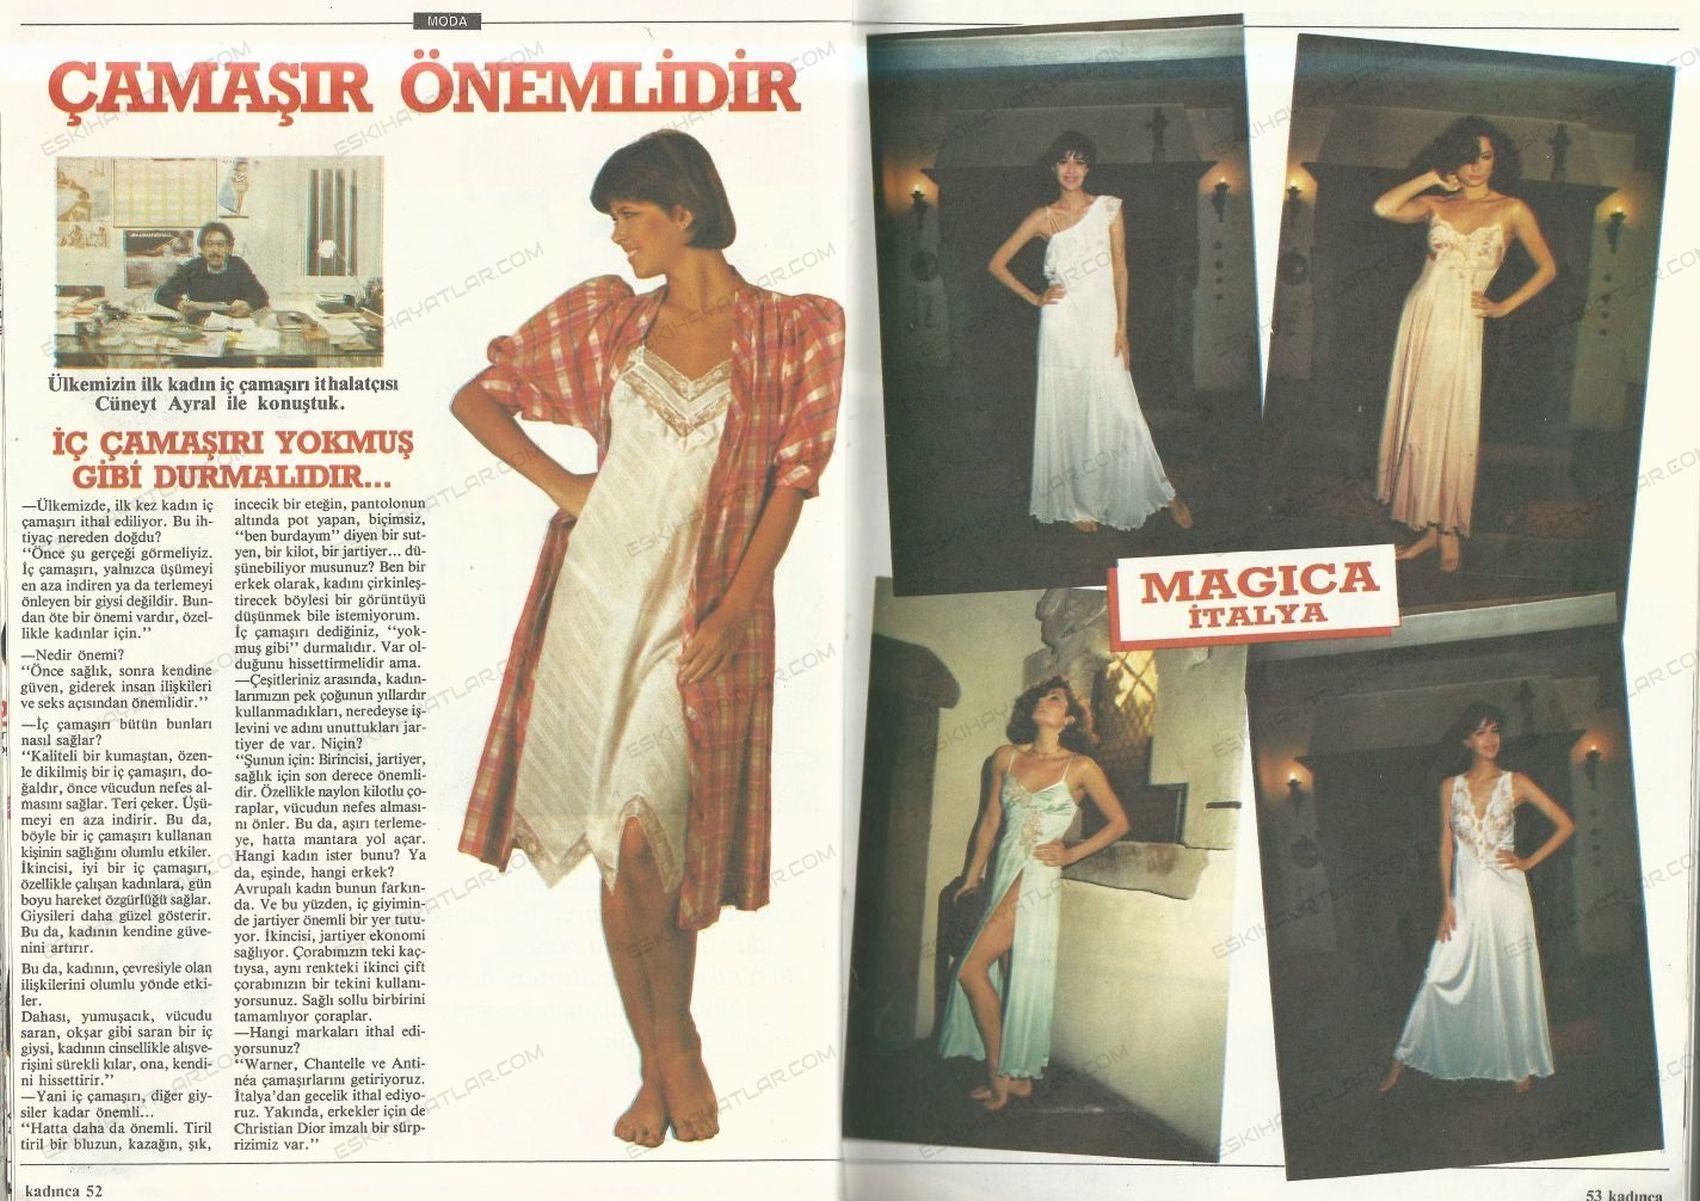 0281-seksenli-yillarda-kadin-ic-camasiri-modelleri-1985-kadinca-dergisi-1